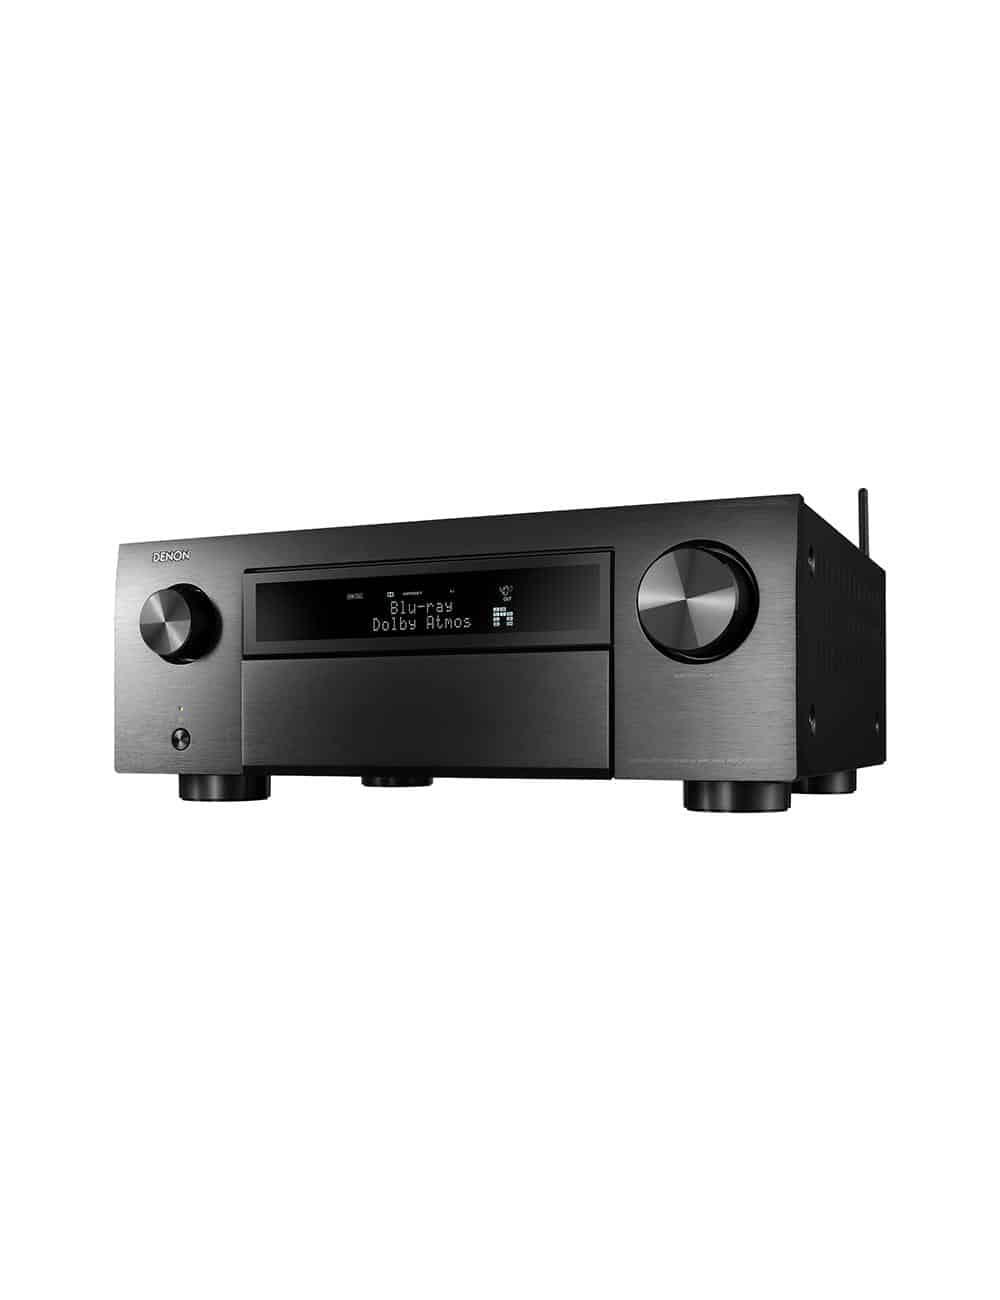 Amplificatore AV 11.2 canali 4K Ultra HD con Audio 3D e HEOS, Denon AVC-X6500H, vista frontale, finitura Nero